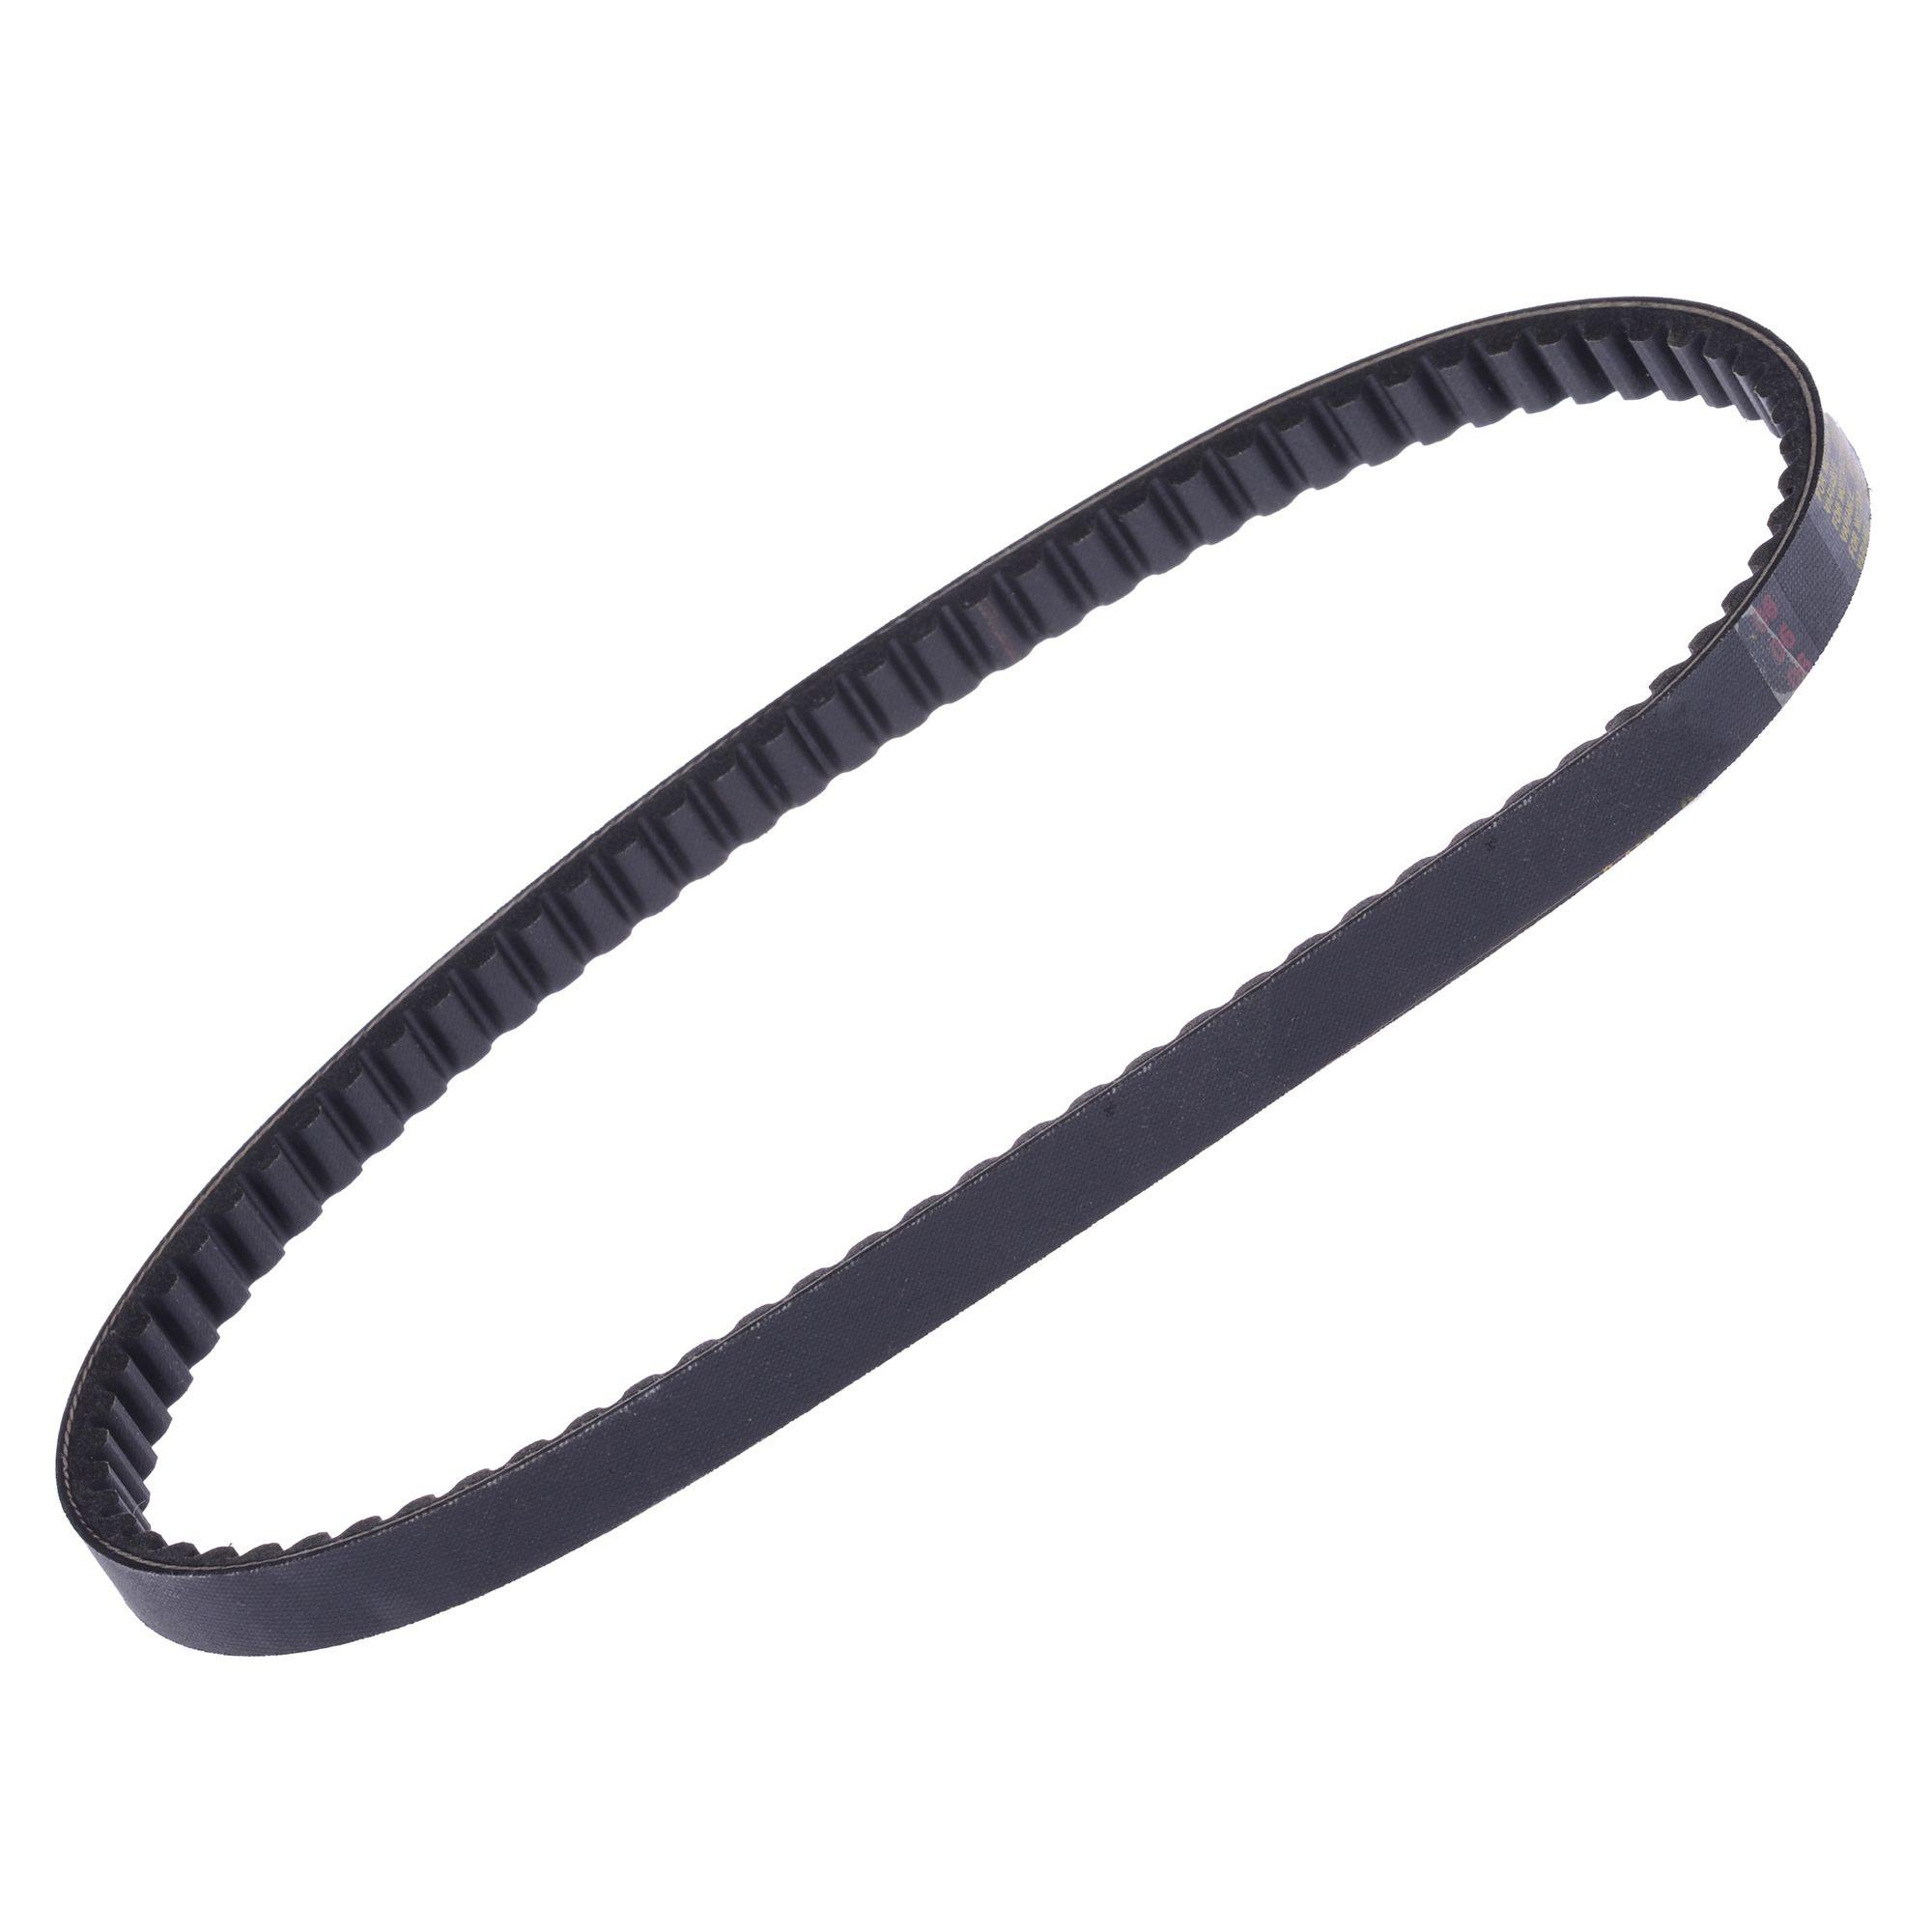 Keilriemen Dynaflex CT-29 für Hyosung Newtee Up 50 HN50QT-7 2013